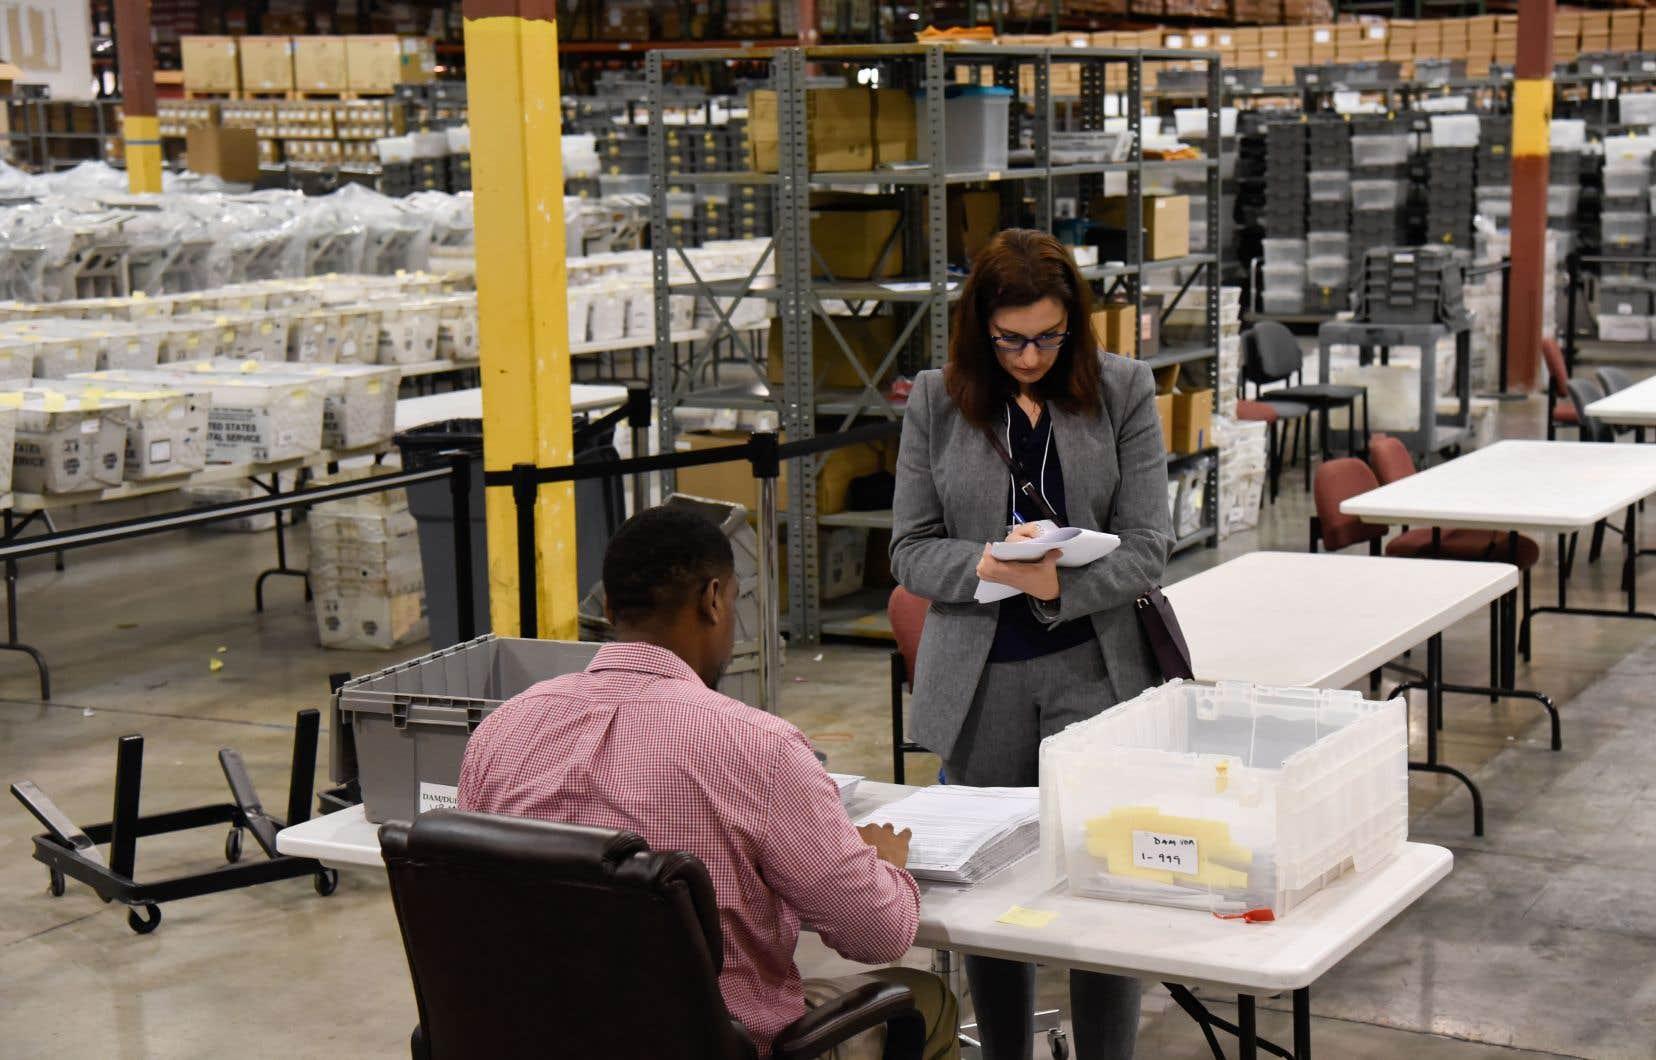 Les comtés de Floride s'attellent depuis le week-end dernier à recompter les bulletins de vote.